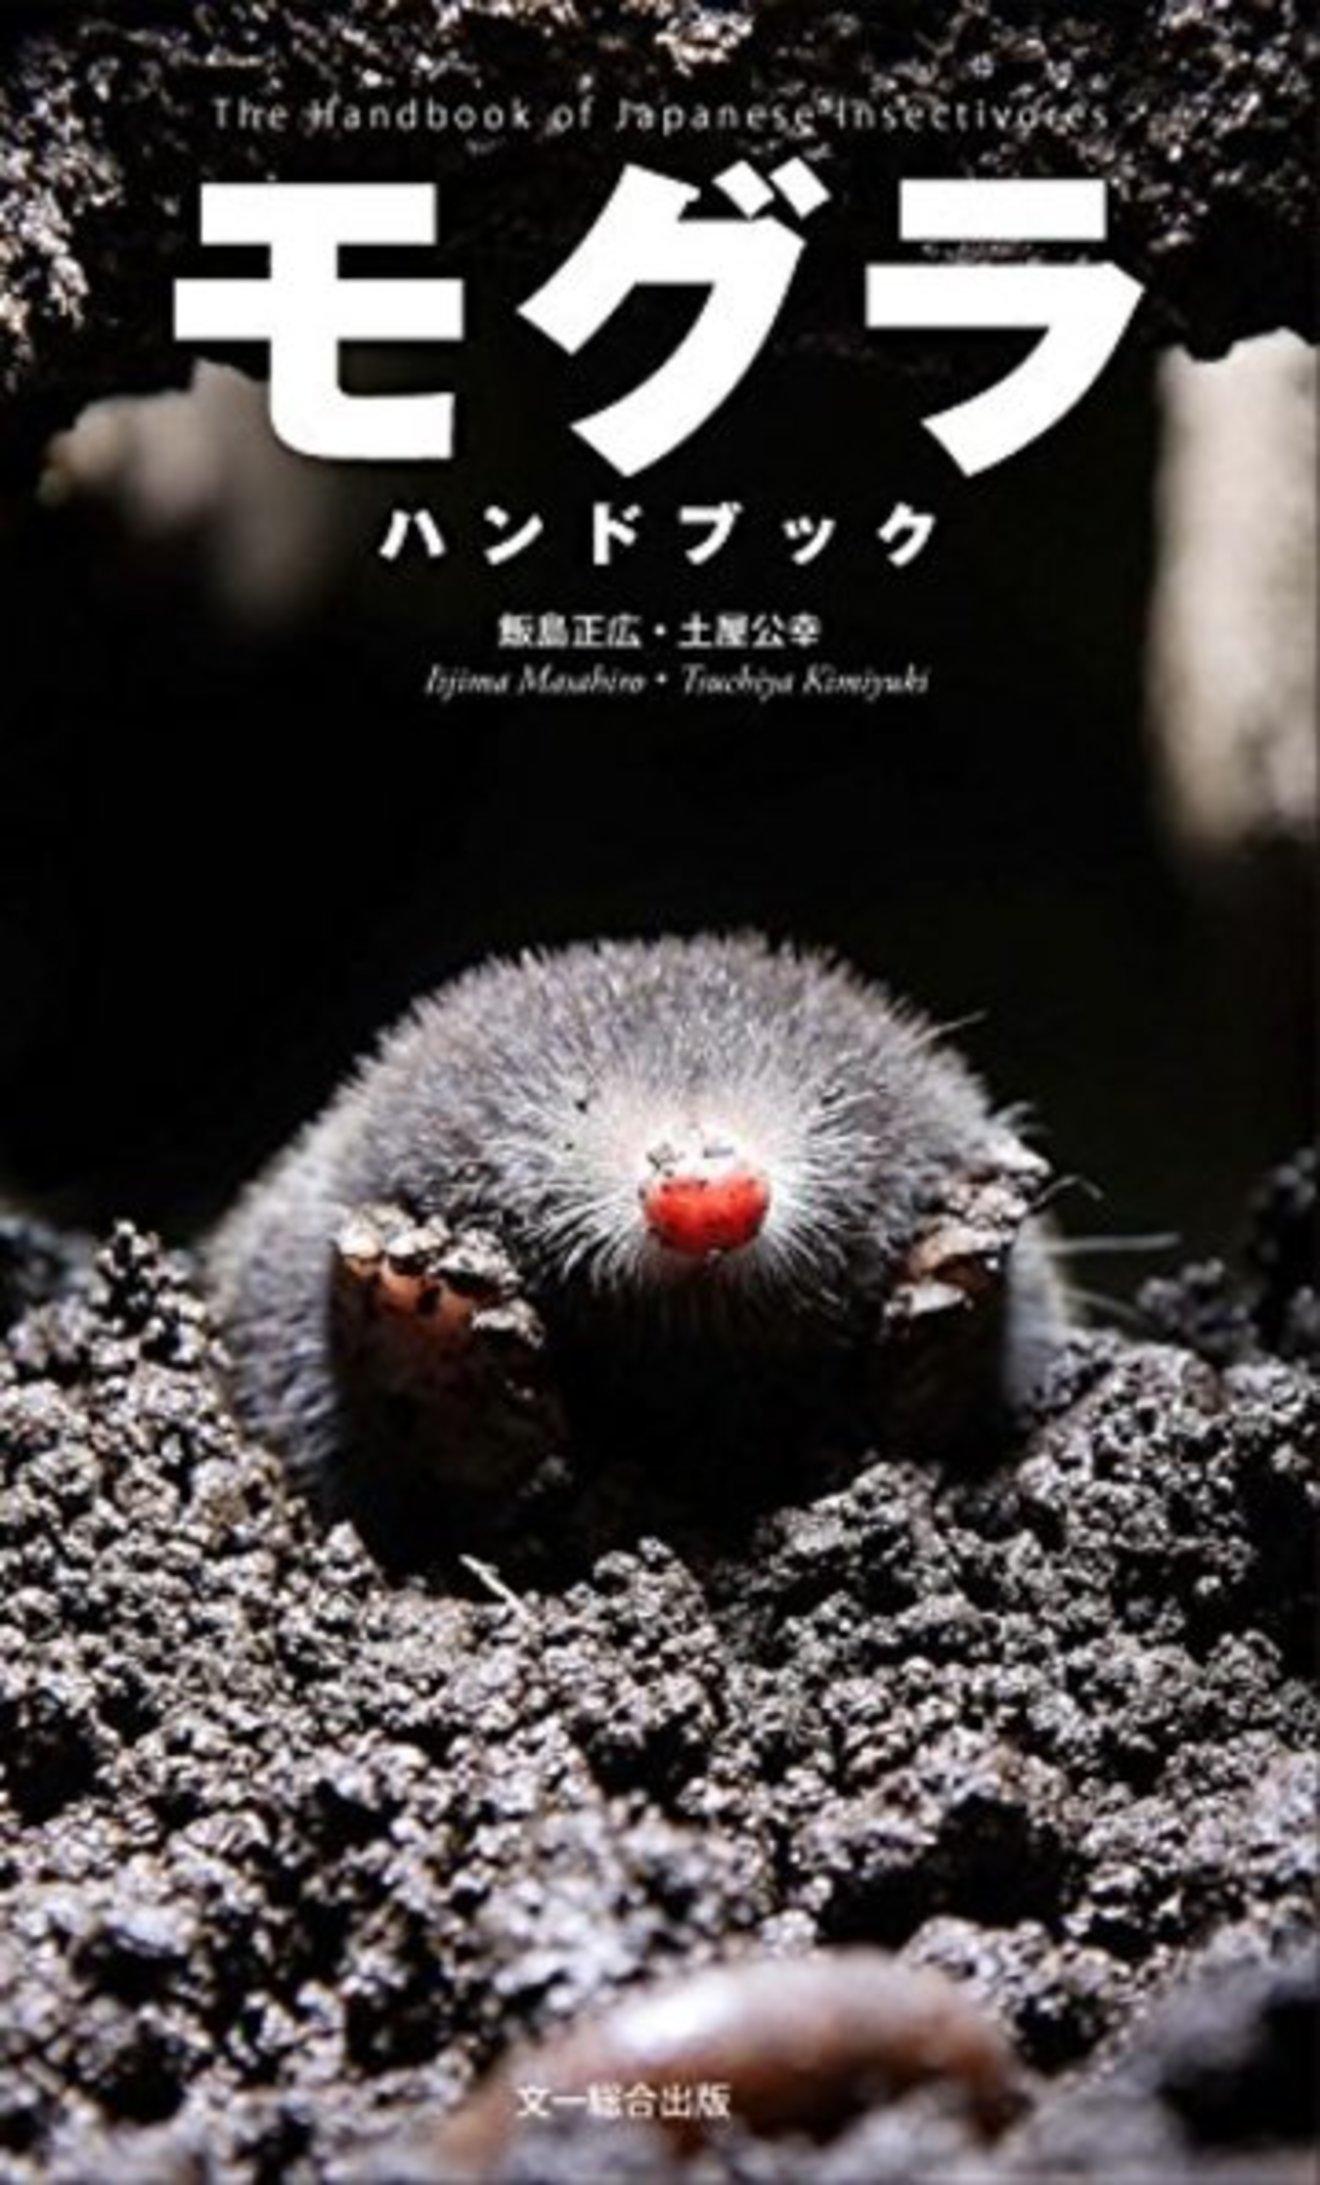 5分でわかるモグラの生態!なぜ穴を掘る?飼育はできる?実は大食い!